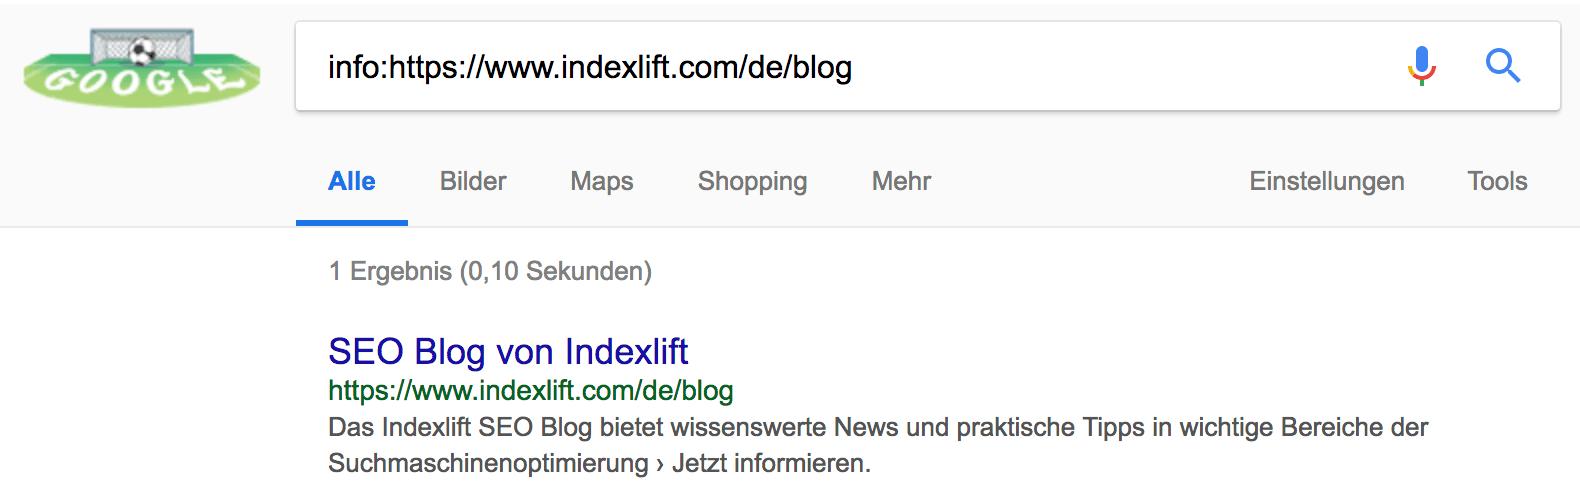 Beispiel für info-Suchoperator der Google Suche